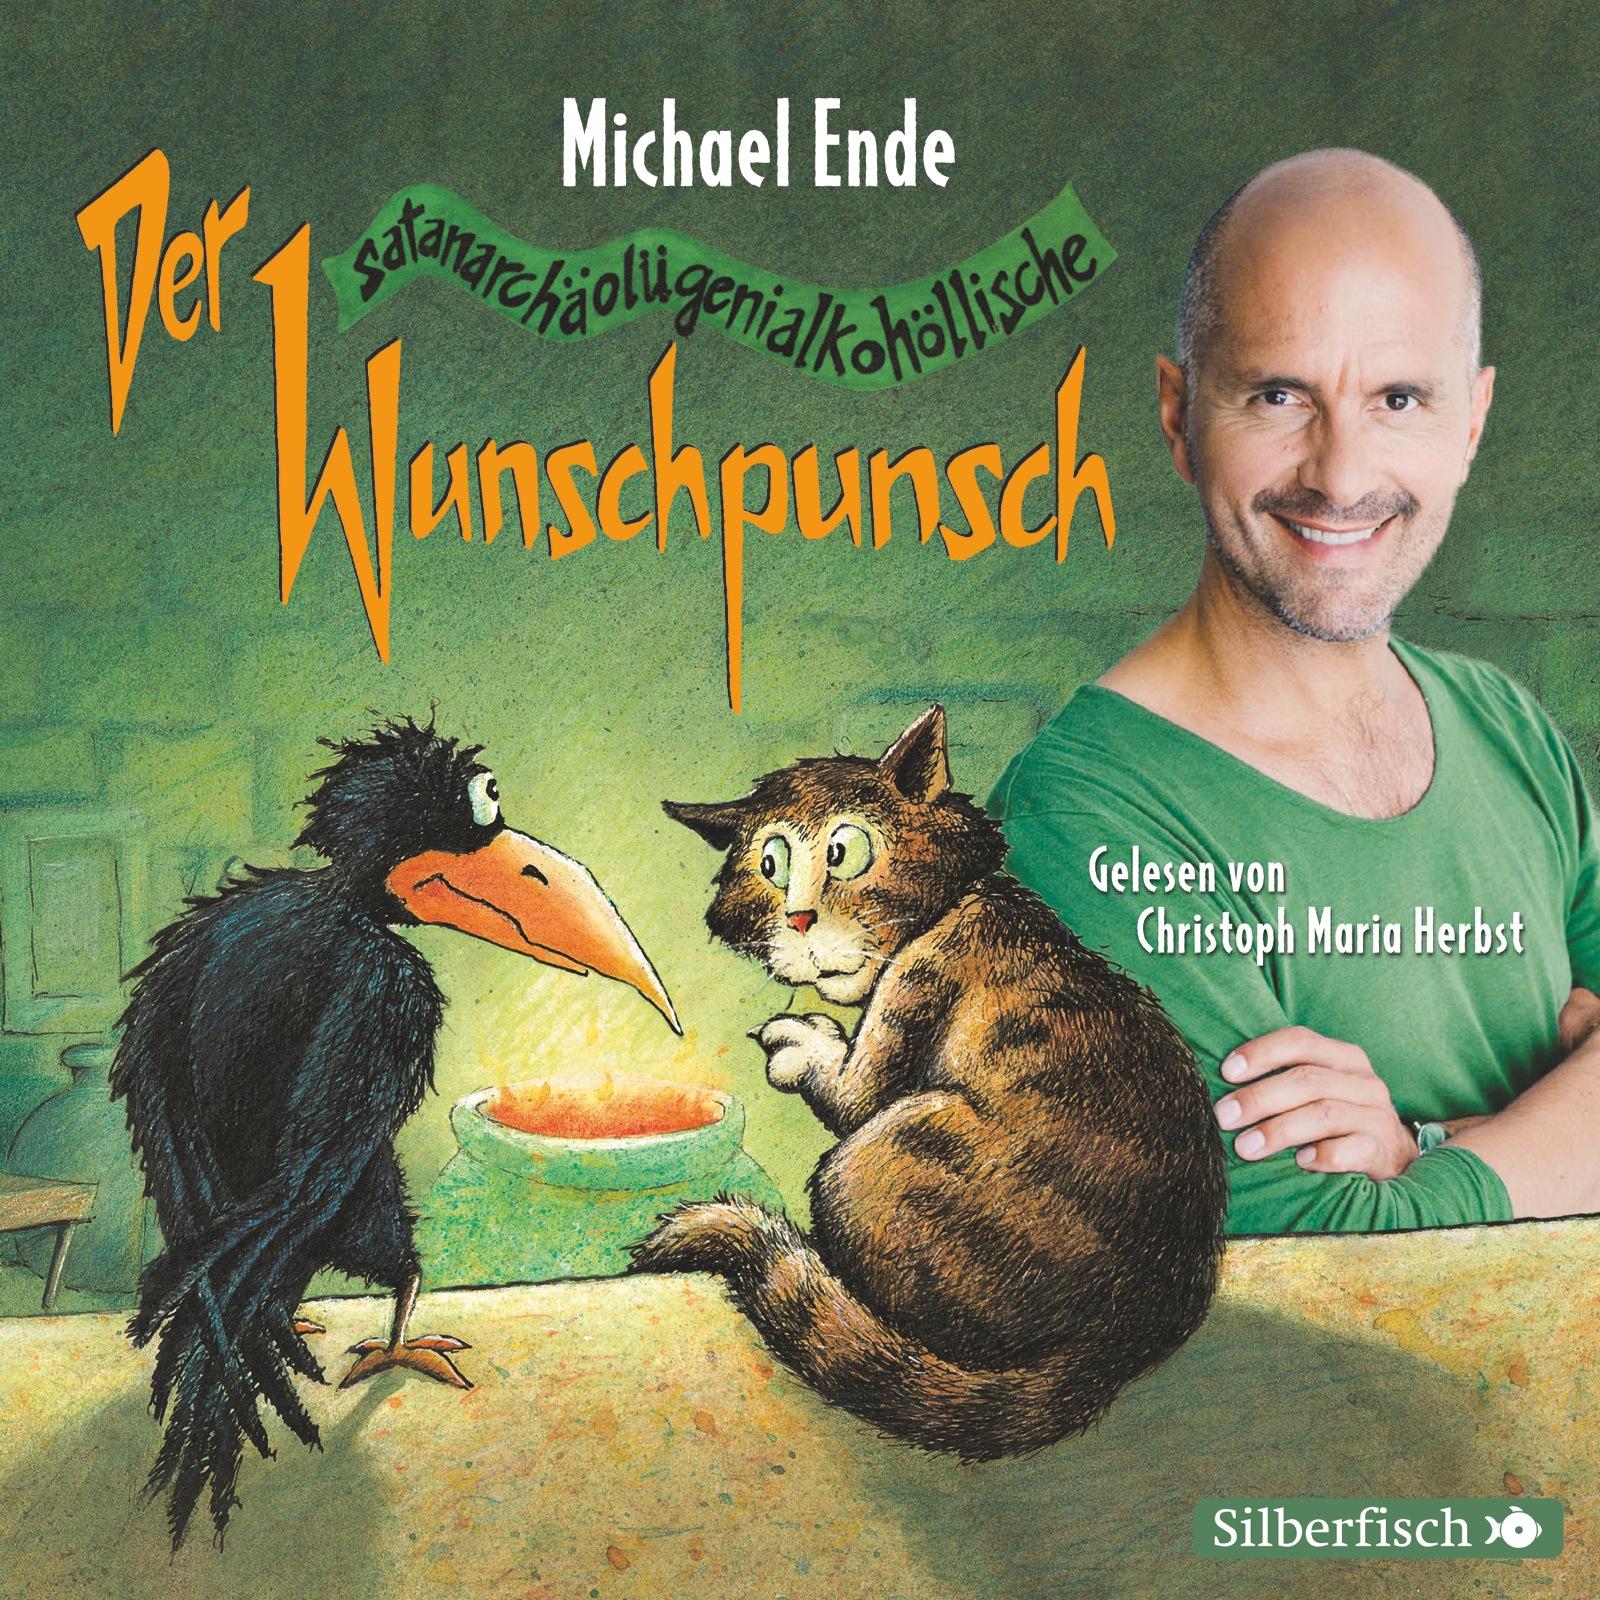 Der Wunschpunsch - Michael Ende [4 Audio CDs]